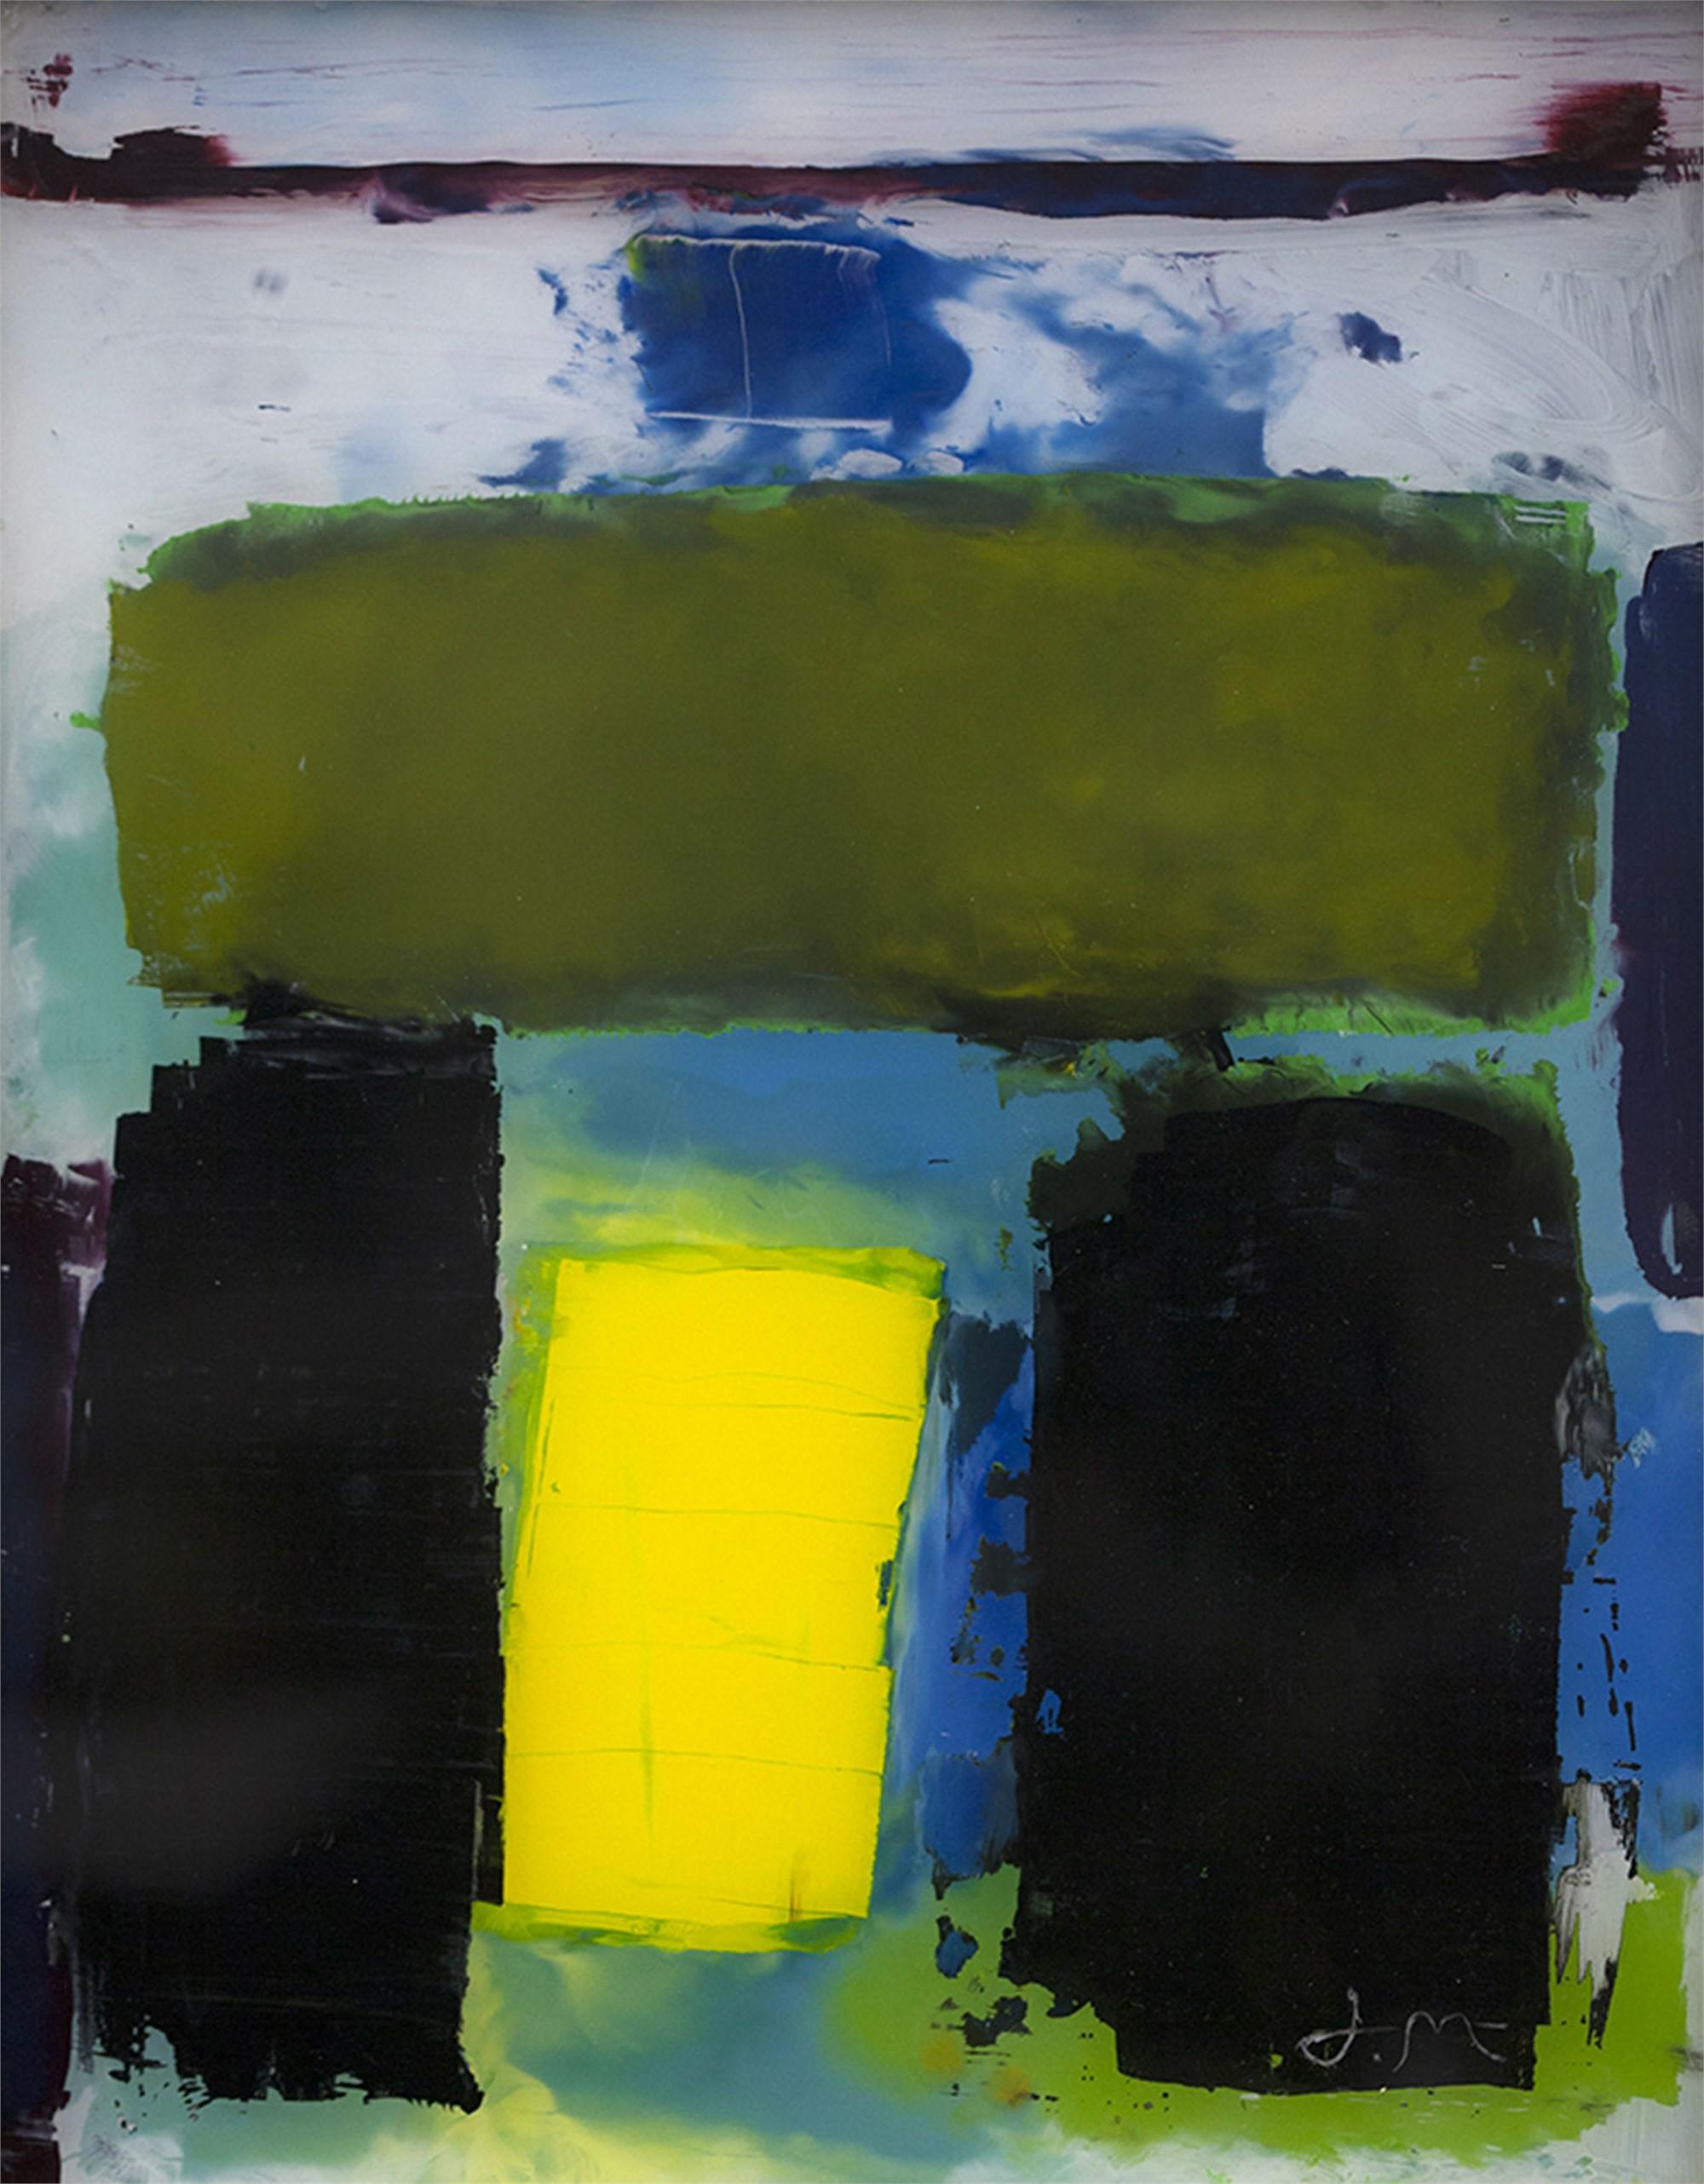 Passage by John McCaw